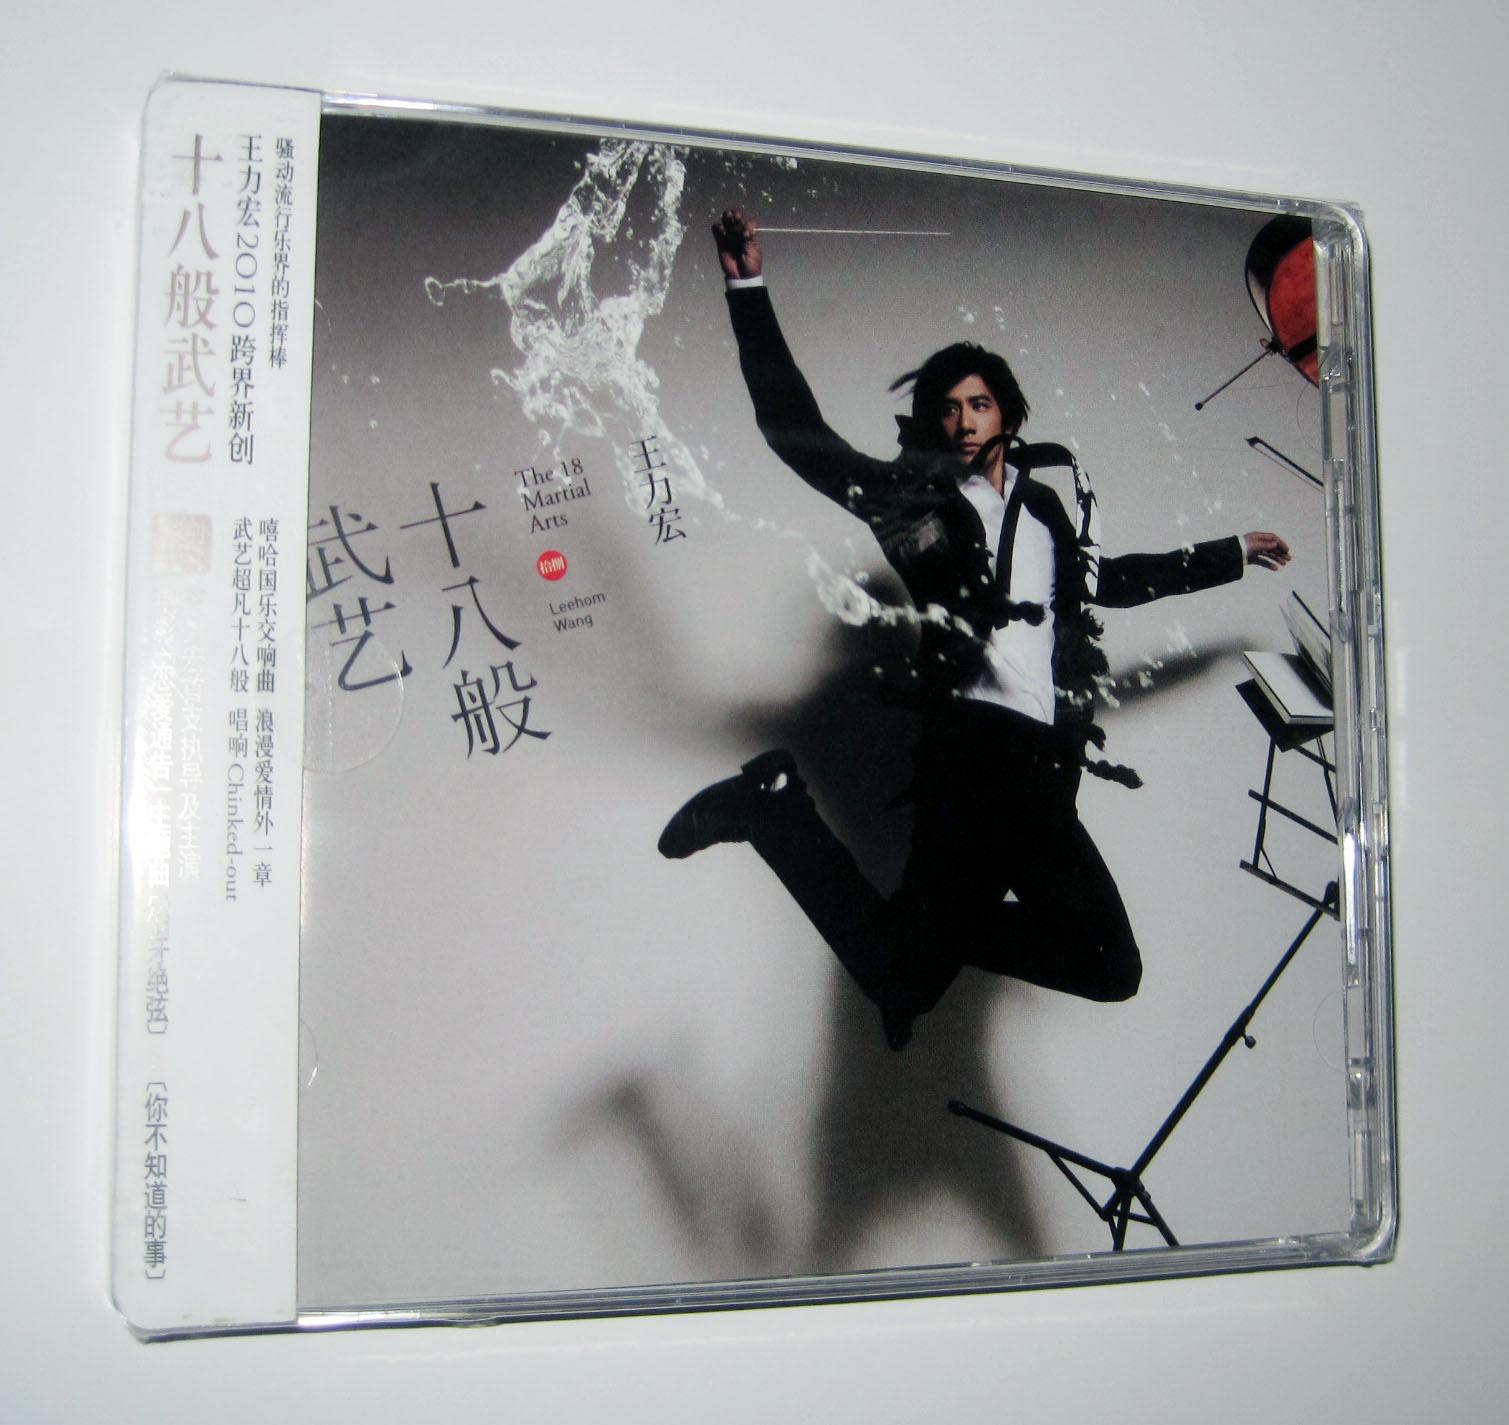 王力宏 2010新专辑 十八般武艺 CD+写真歌词册 流行光盘